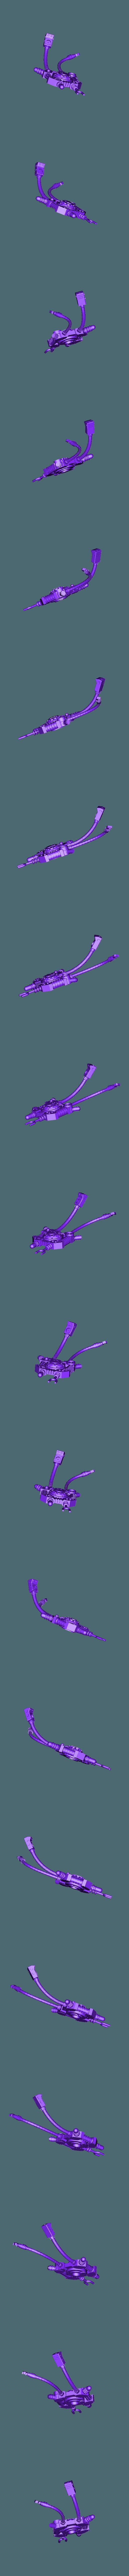 Reposed_Ranger_5.1_-_Backpack.stl Télécharger fichier STL gratuit Rangers mécanisés martiens • Plan à imprimer en 3D, ErikTheHeretek